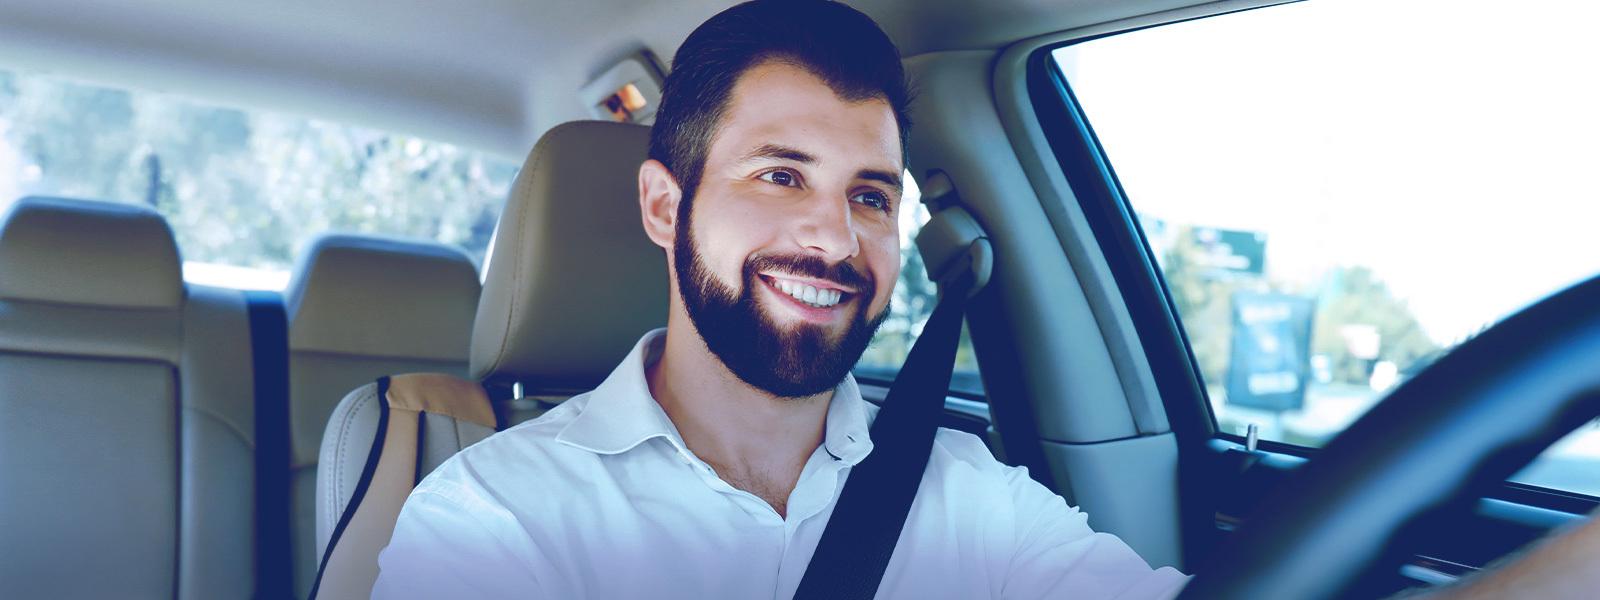 motorista dentro do carro com cinto de segurança